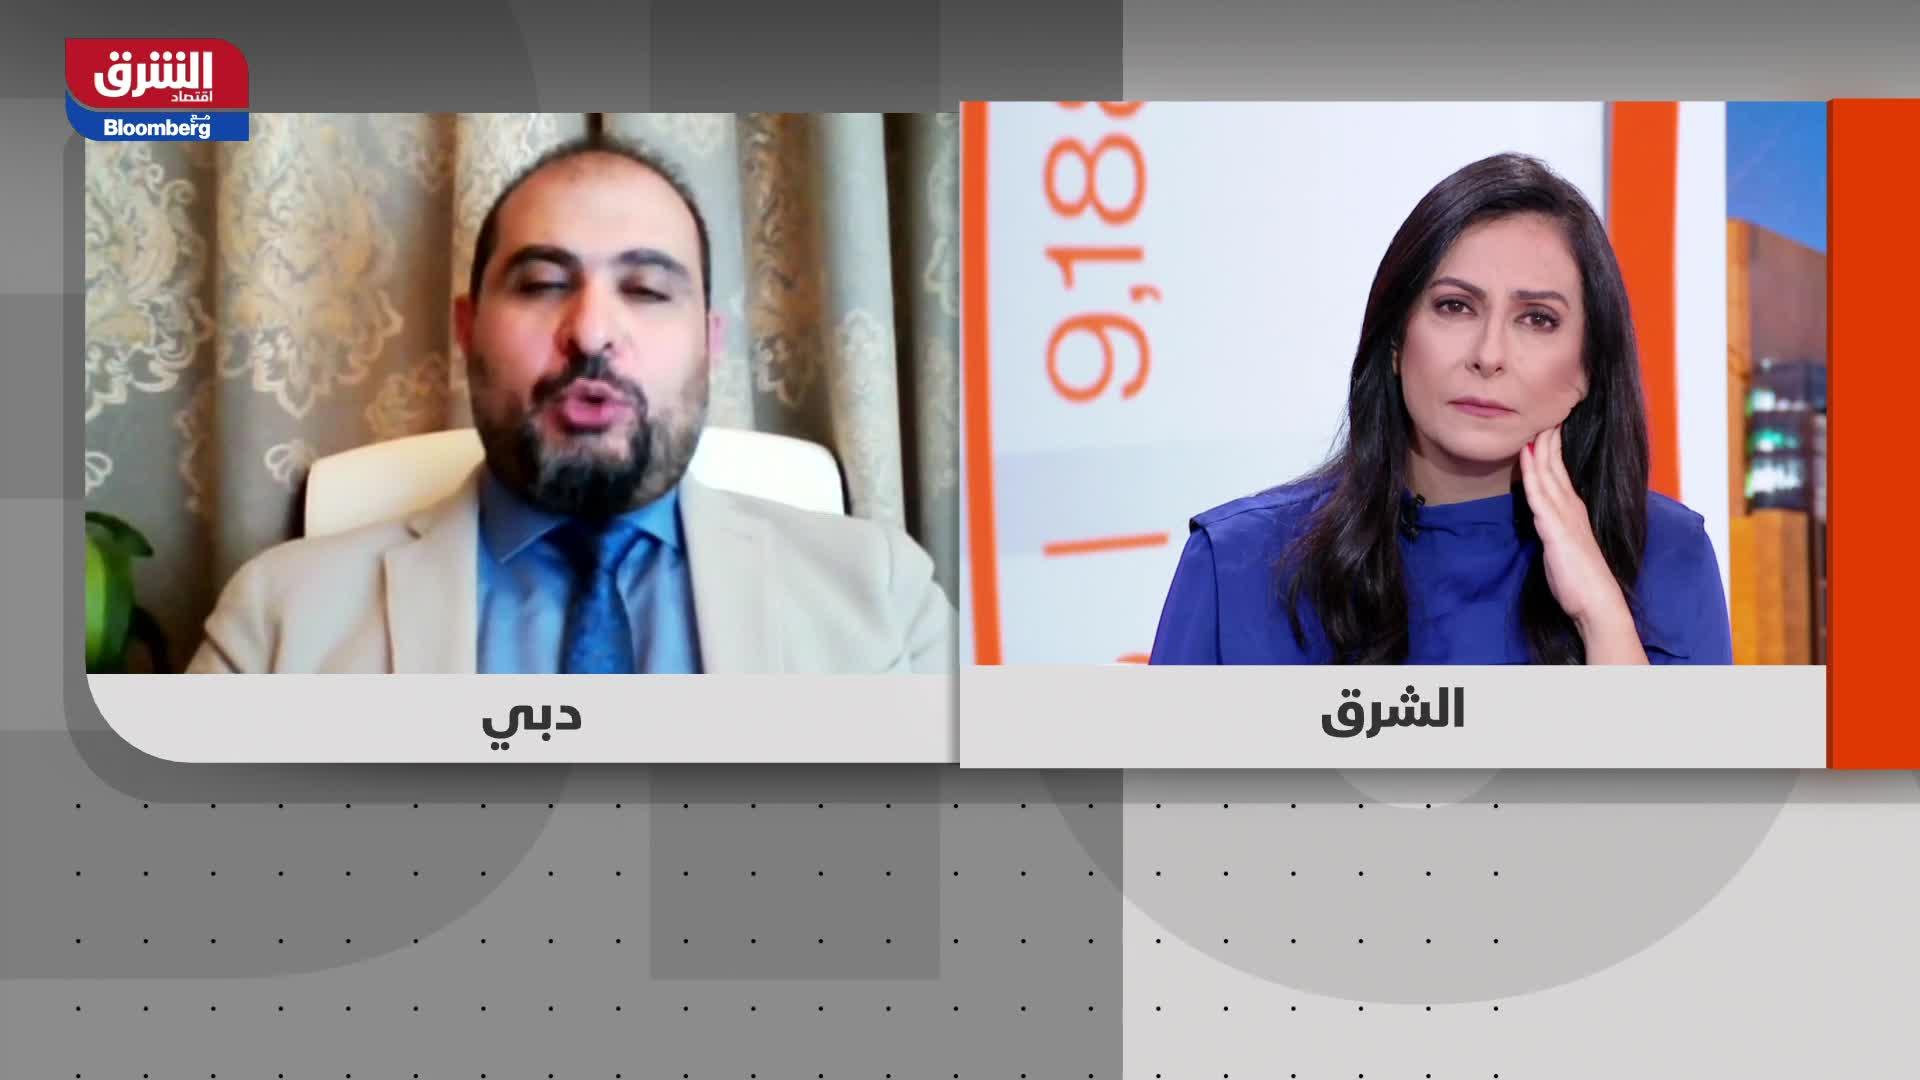 مصر تستعد لإصدار أول صكوك سيادية لها بمليار دولار